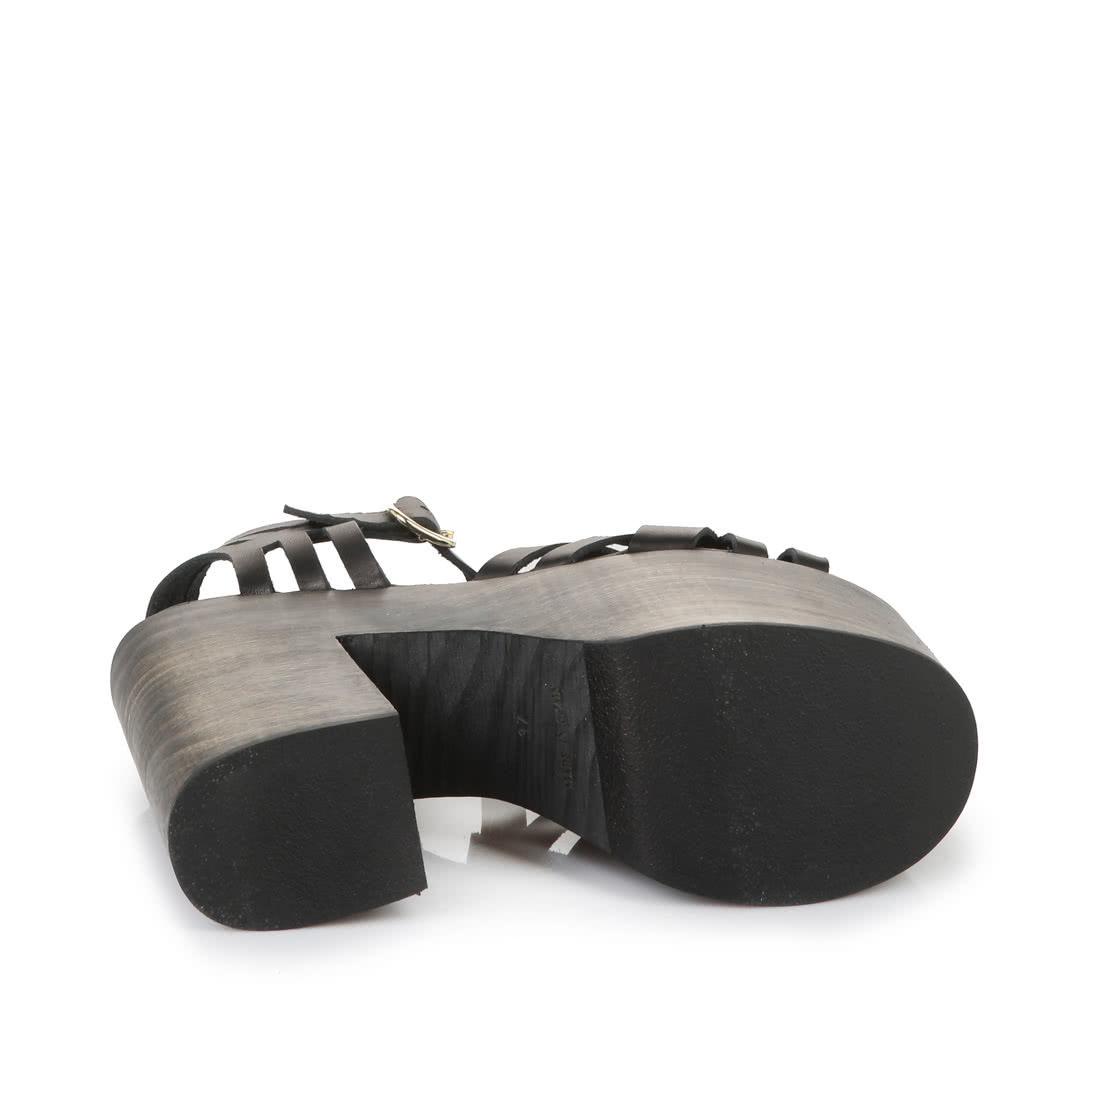 Buffalo Platform Sandals In Black Buy Online In Buffalo